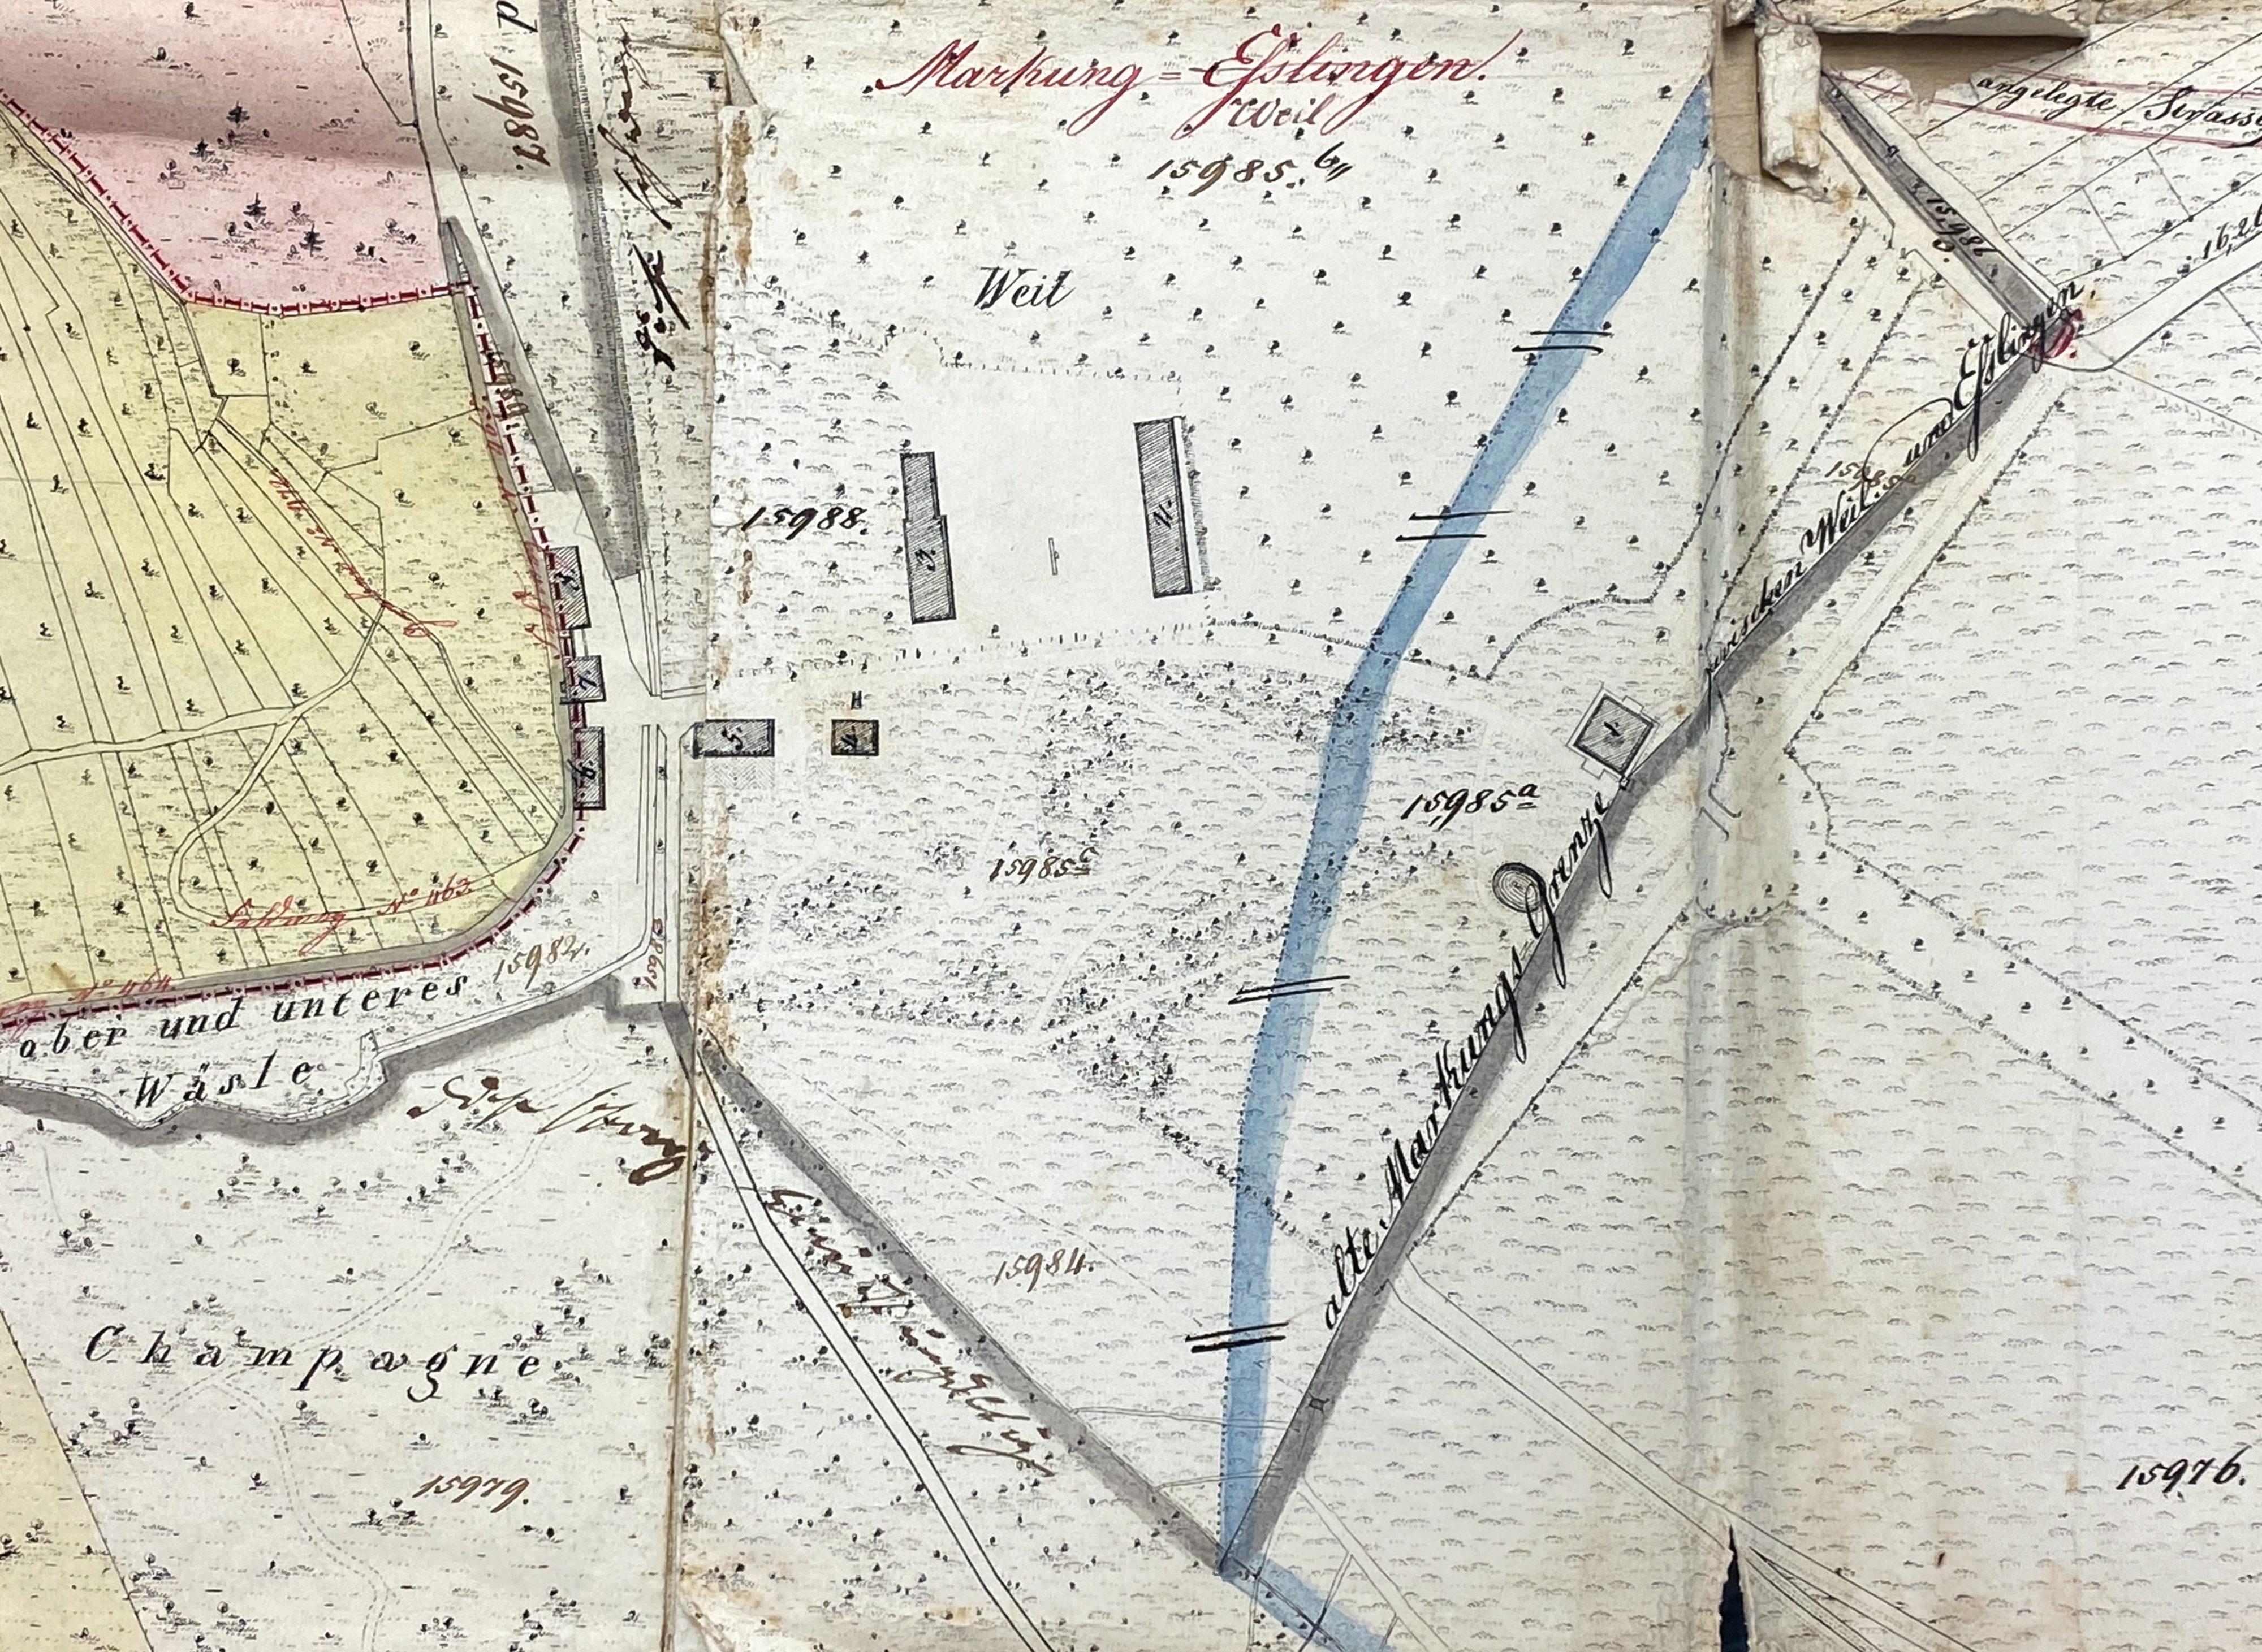 Gemarkungsplan um 1850 mit den damaligen Bauten vom Gestüt Weil